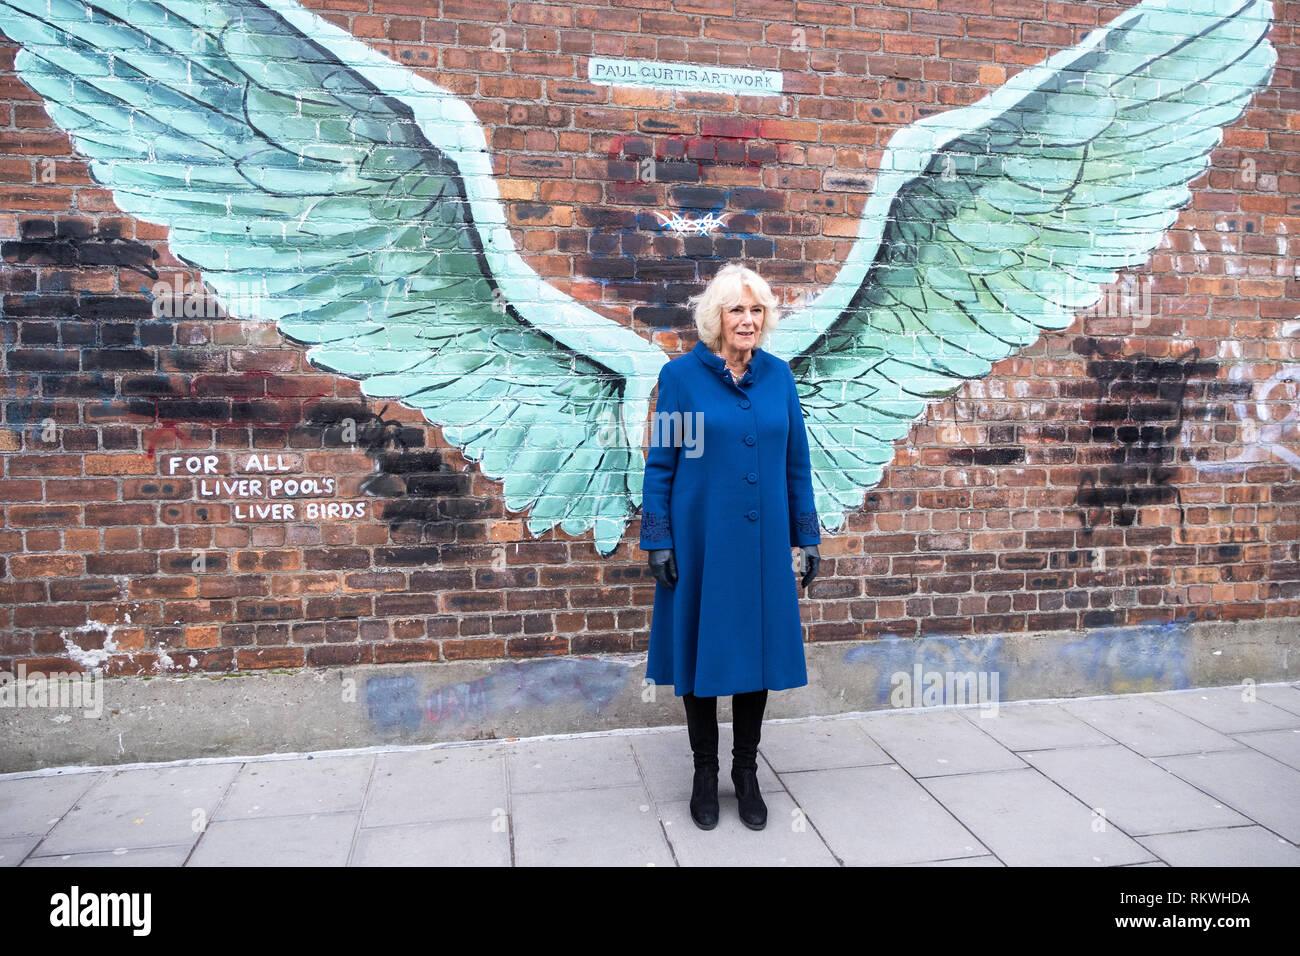 """Liverpool, Royaume-Uni. 12 Février 2019: la duchesse de Cornwall visitant Liverpool's Baltic Triangle sur Mardi, 12 février 2019, dans le cadre d'une visite à la ville. Son Altesse Royale s'est réuni avec l'artiste Paul Curtis et ont aussi vu sa murale intitulée """"Pour tous les oiseaux du foie de Liverpool"""". Crédit: Christopher Middleton/Alamy Live News Photo Stock"""